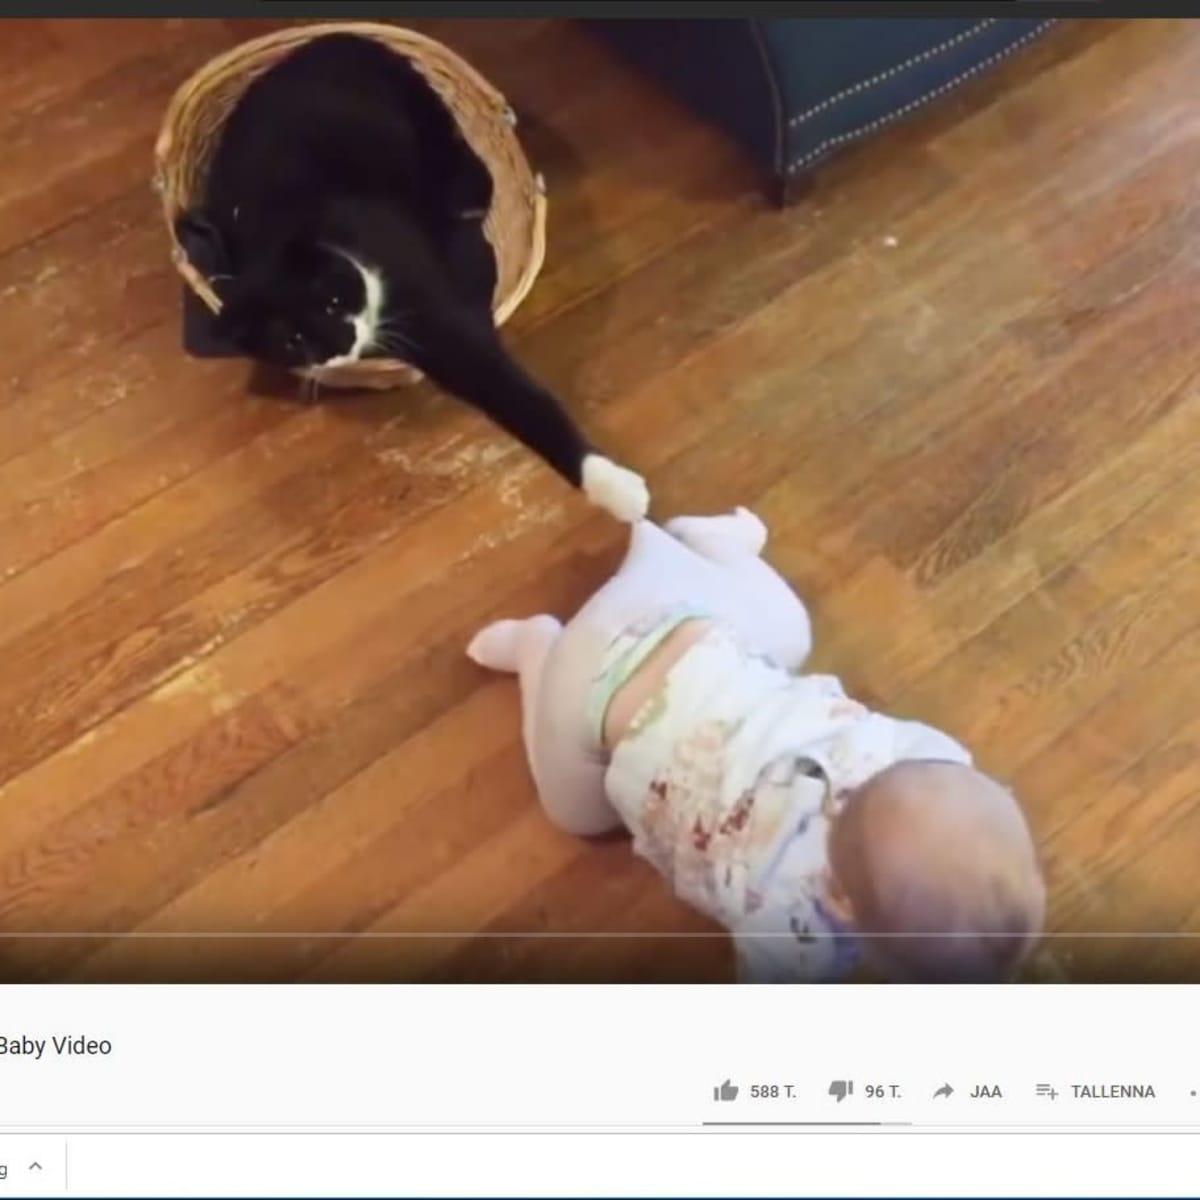 Kuvakaappaus Youtube-videosta: vauva roikkuu kiinni vauvan housuissa.